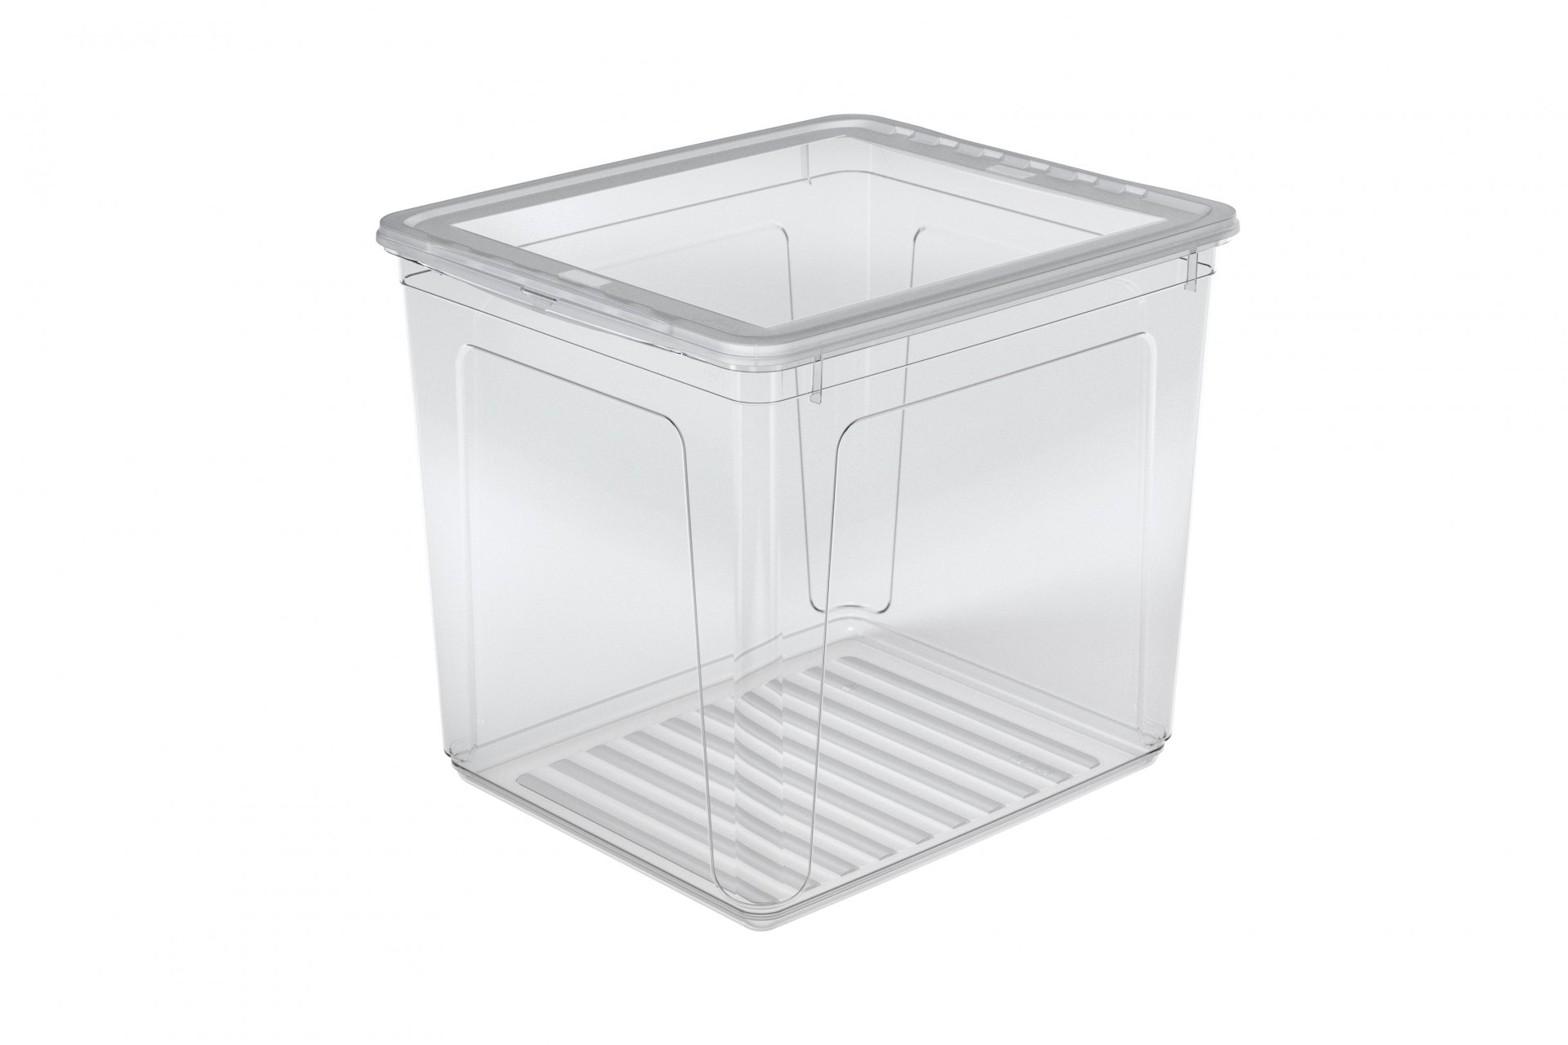 Keeeper Úložný box s otočným větratelným víkem bea 30L